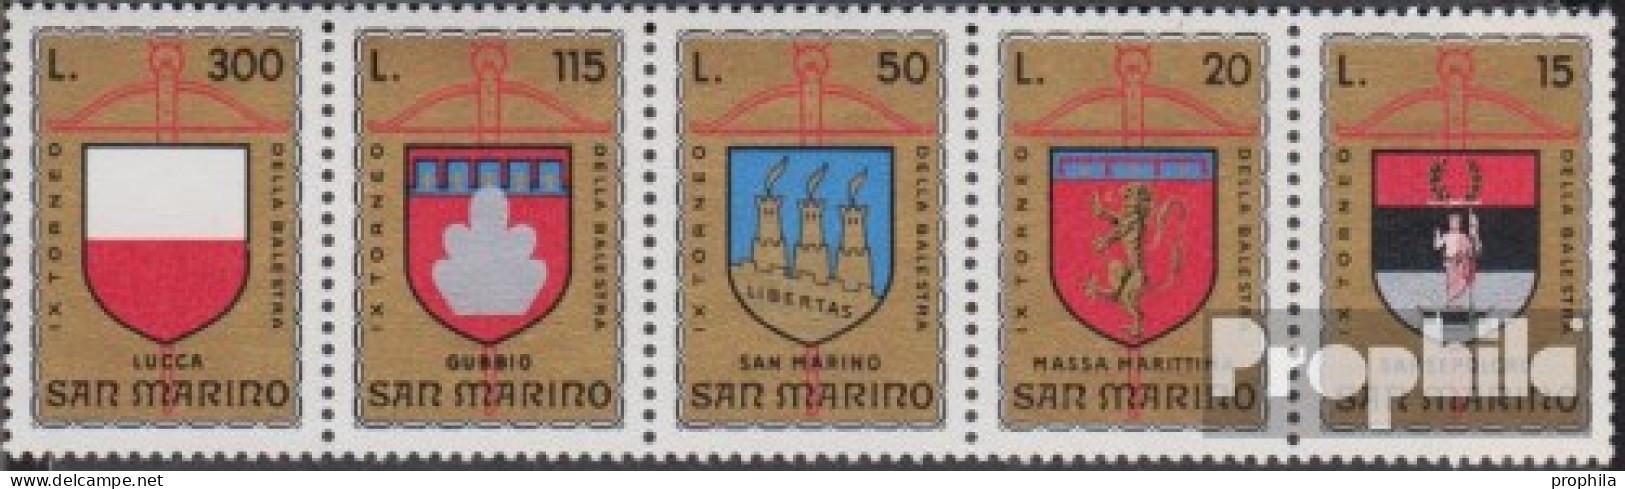 San Marino 1070-1074 Fünferstreifen (kompl.Ausg.) Postfrisch 1974 Armbrustturnier - Ungebraucht